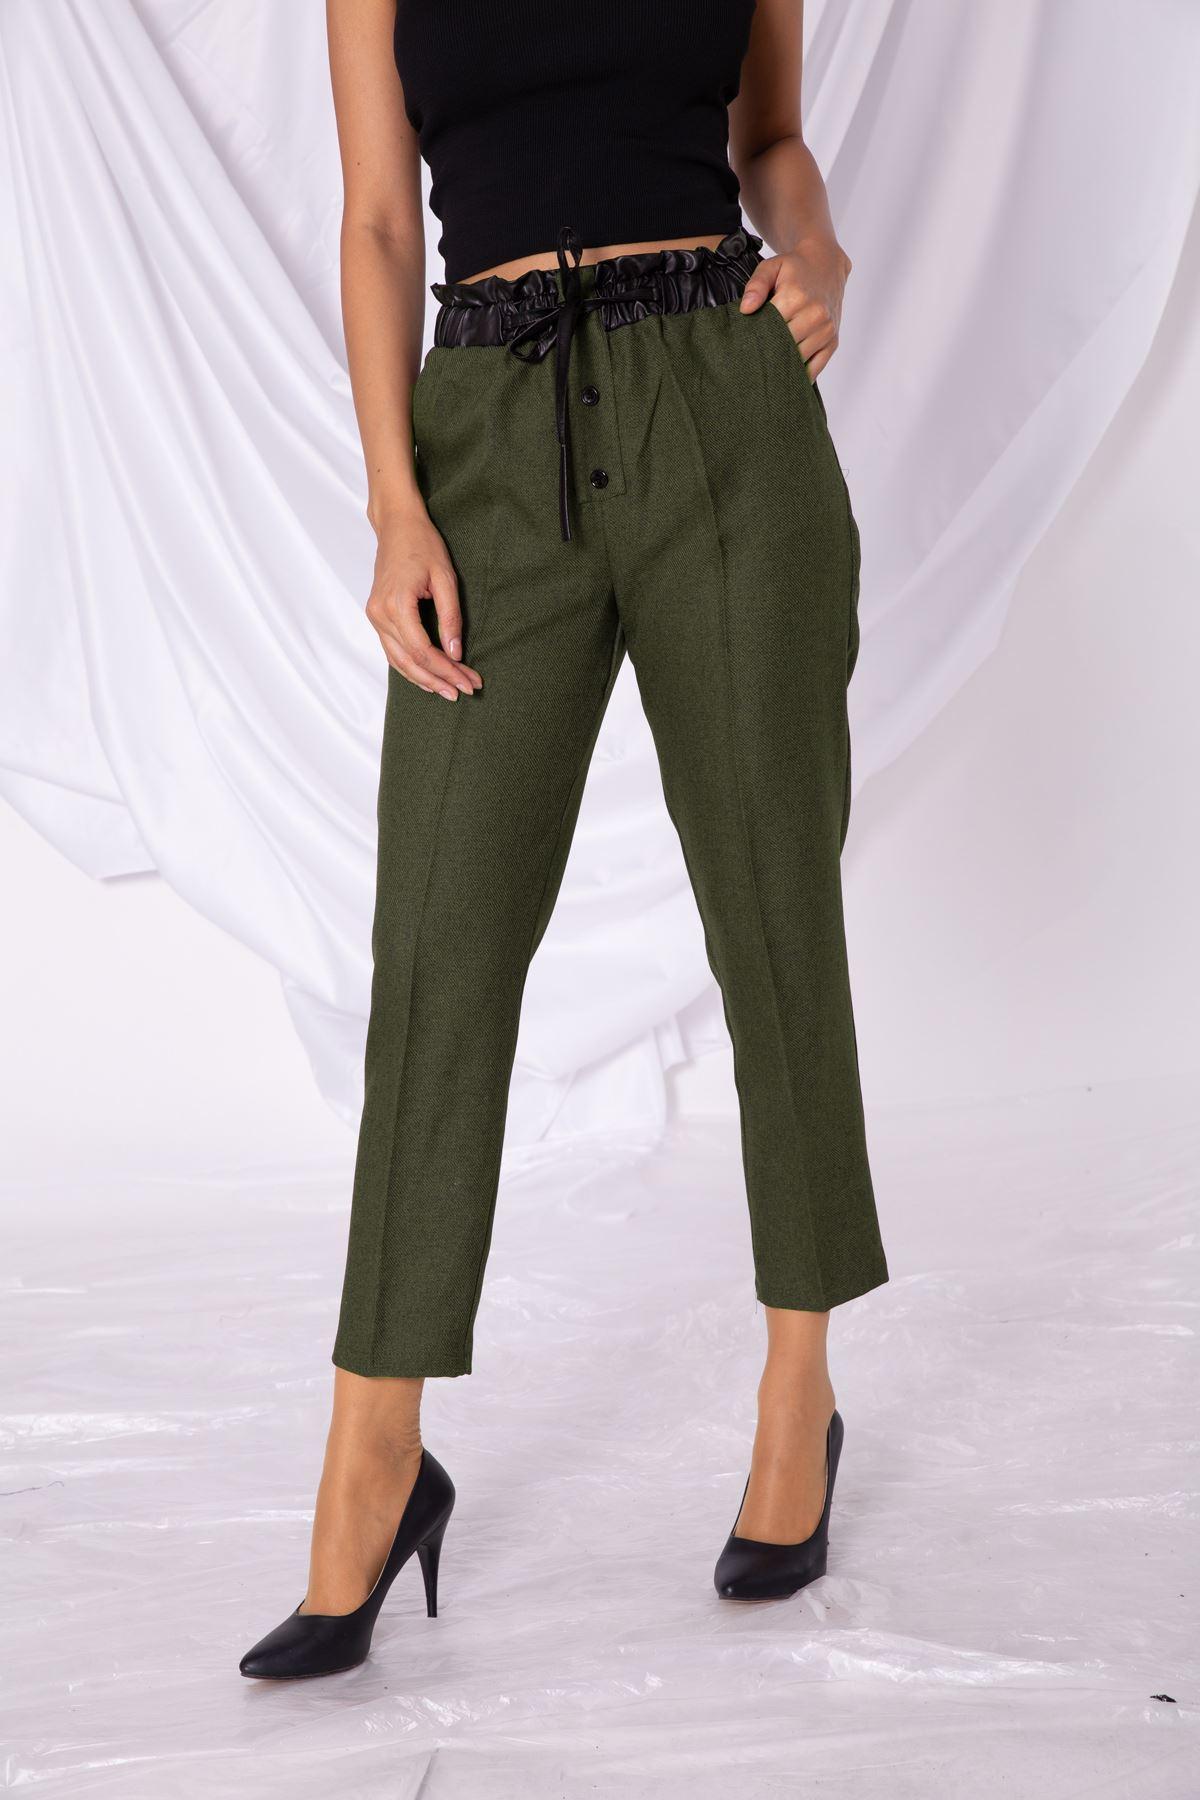 Kadın Bel Deri Lastik Detaylı Haki Kumaş Pantolon